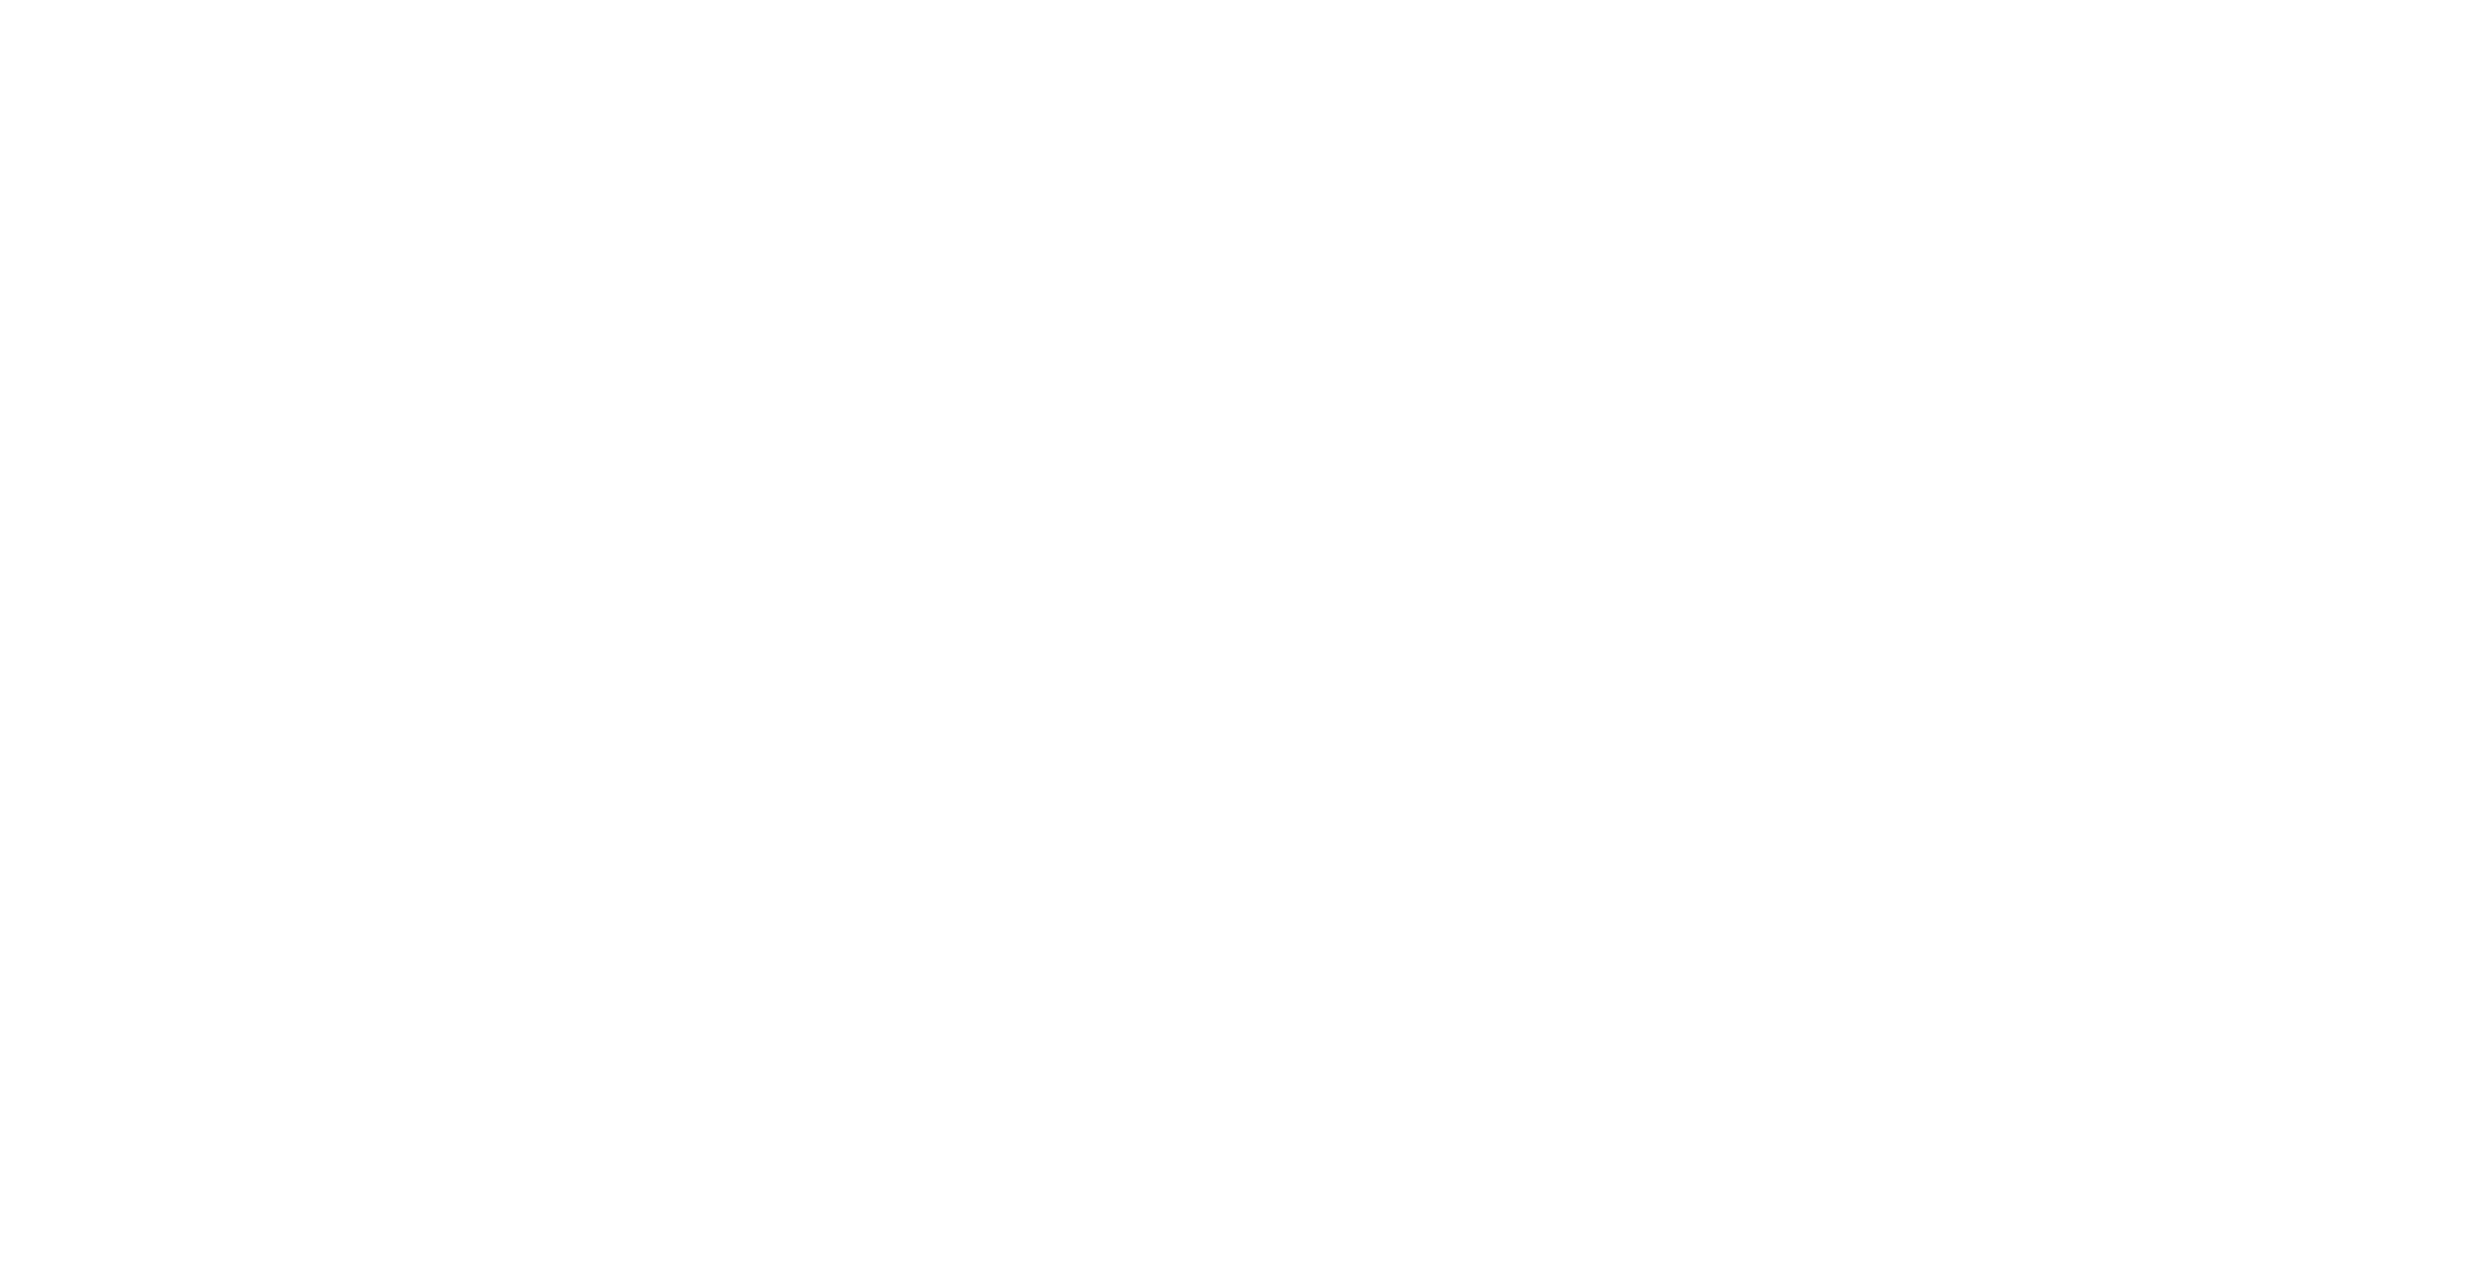 JP Corsier Corseaux